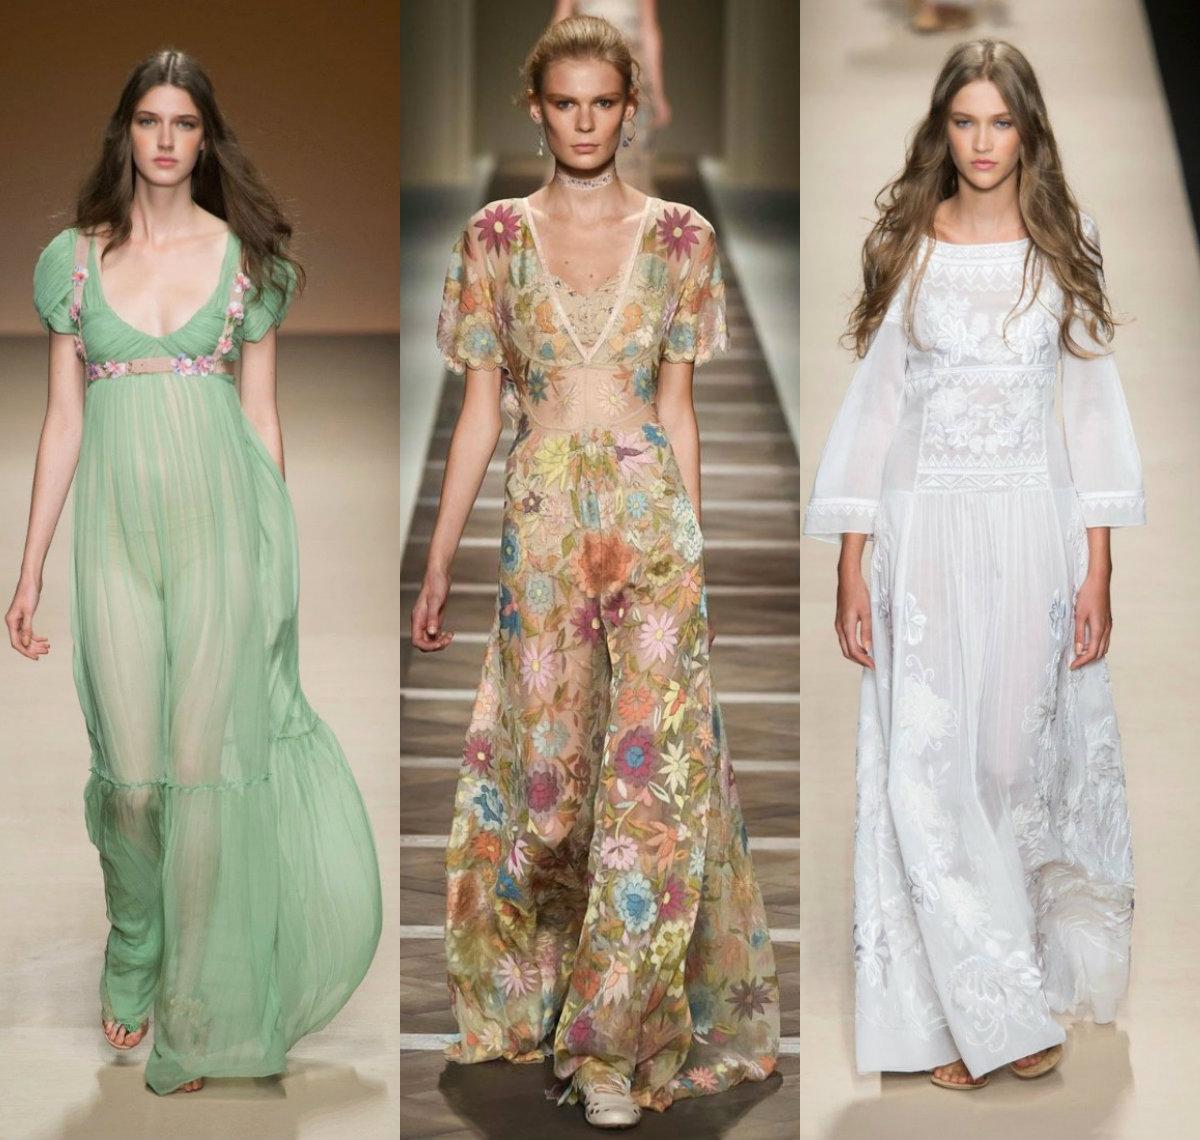 модные тенденции платьев 2019: прозраные варианты